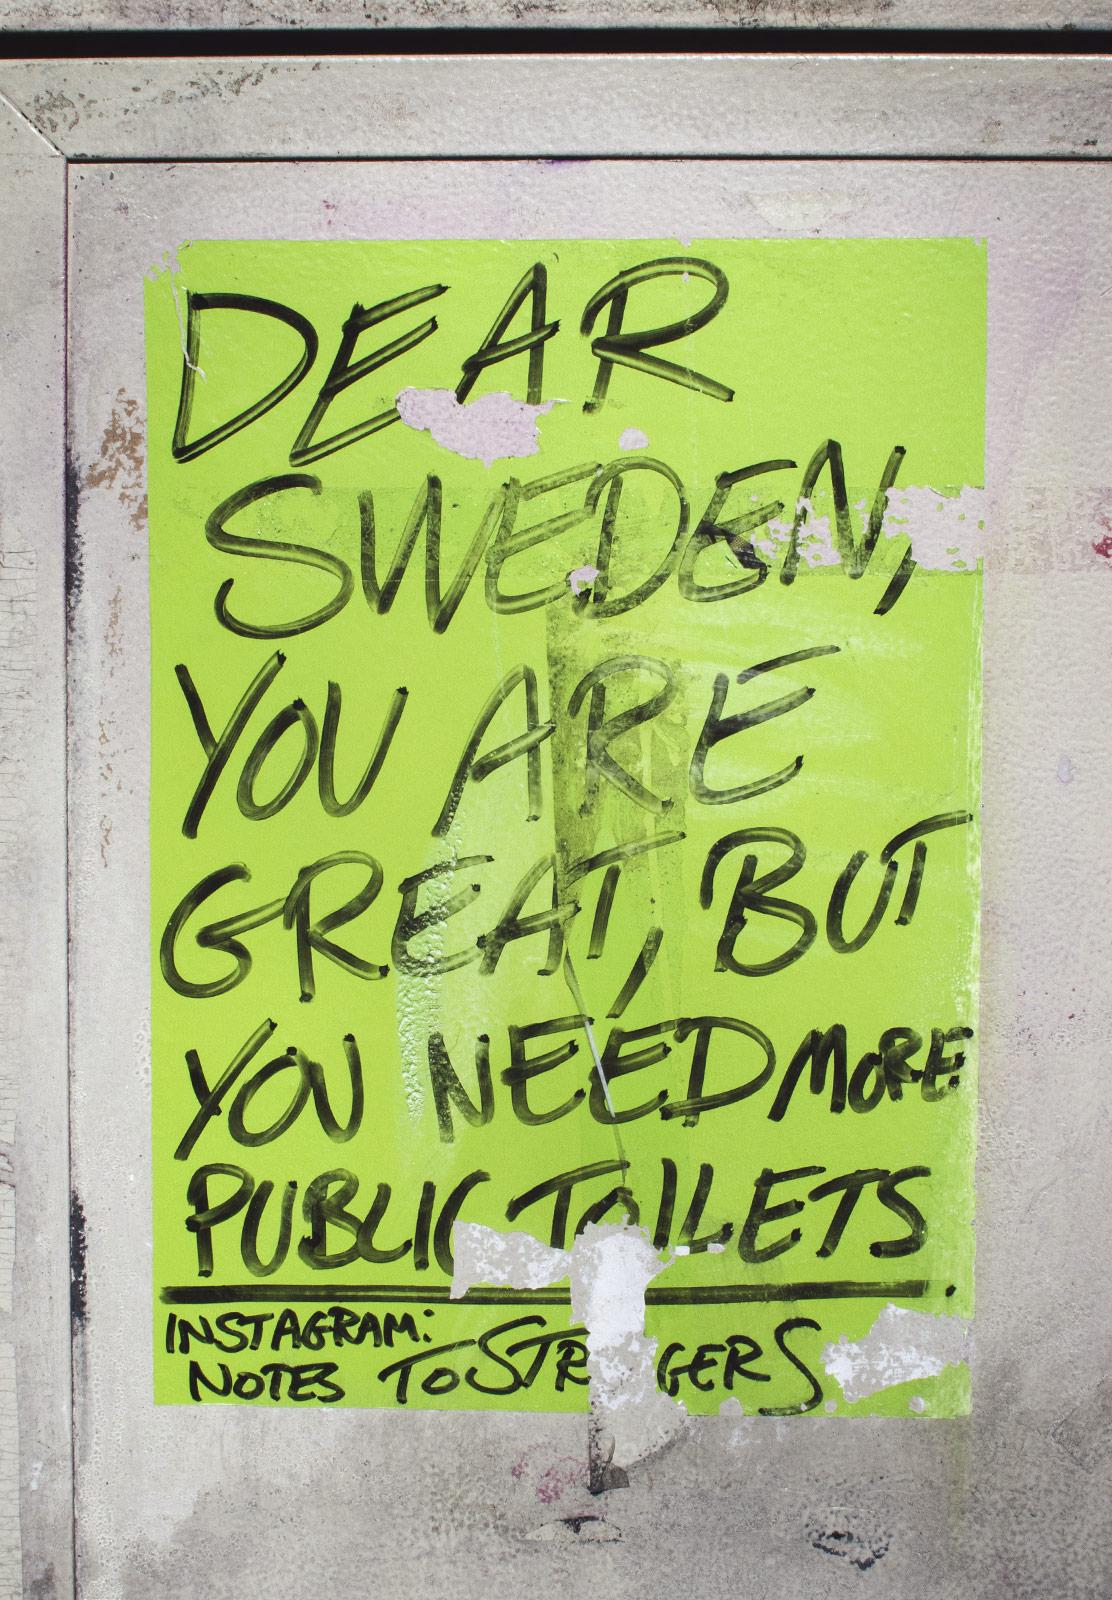 Hand written poster